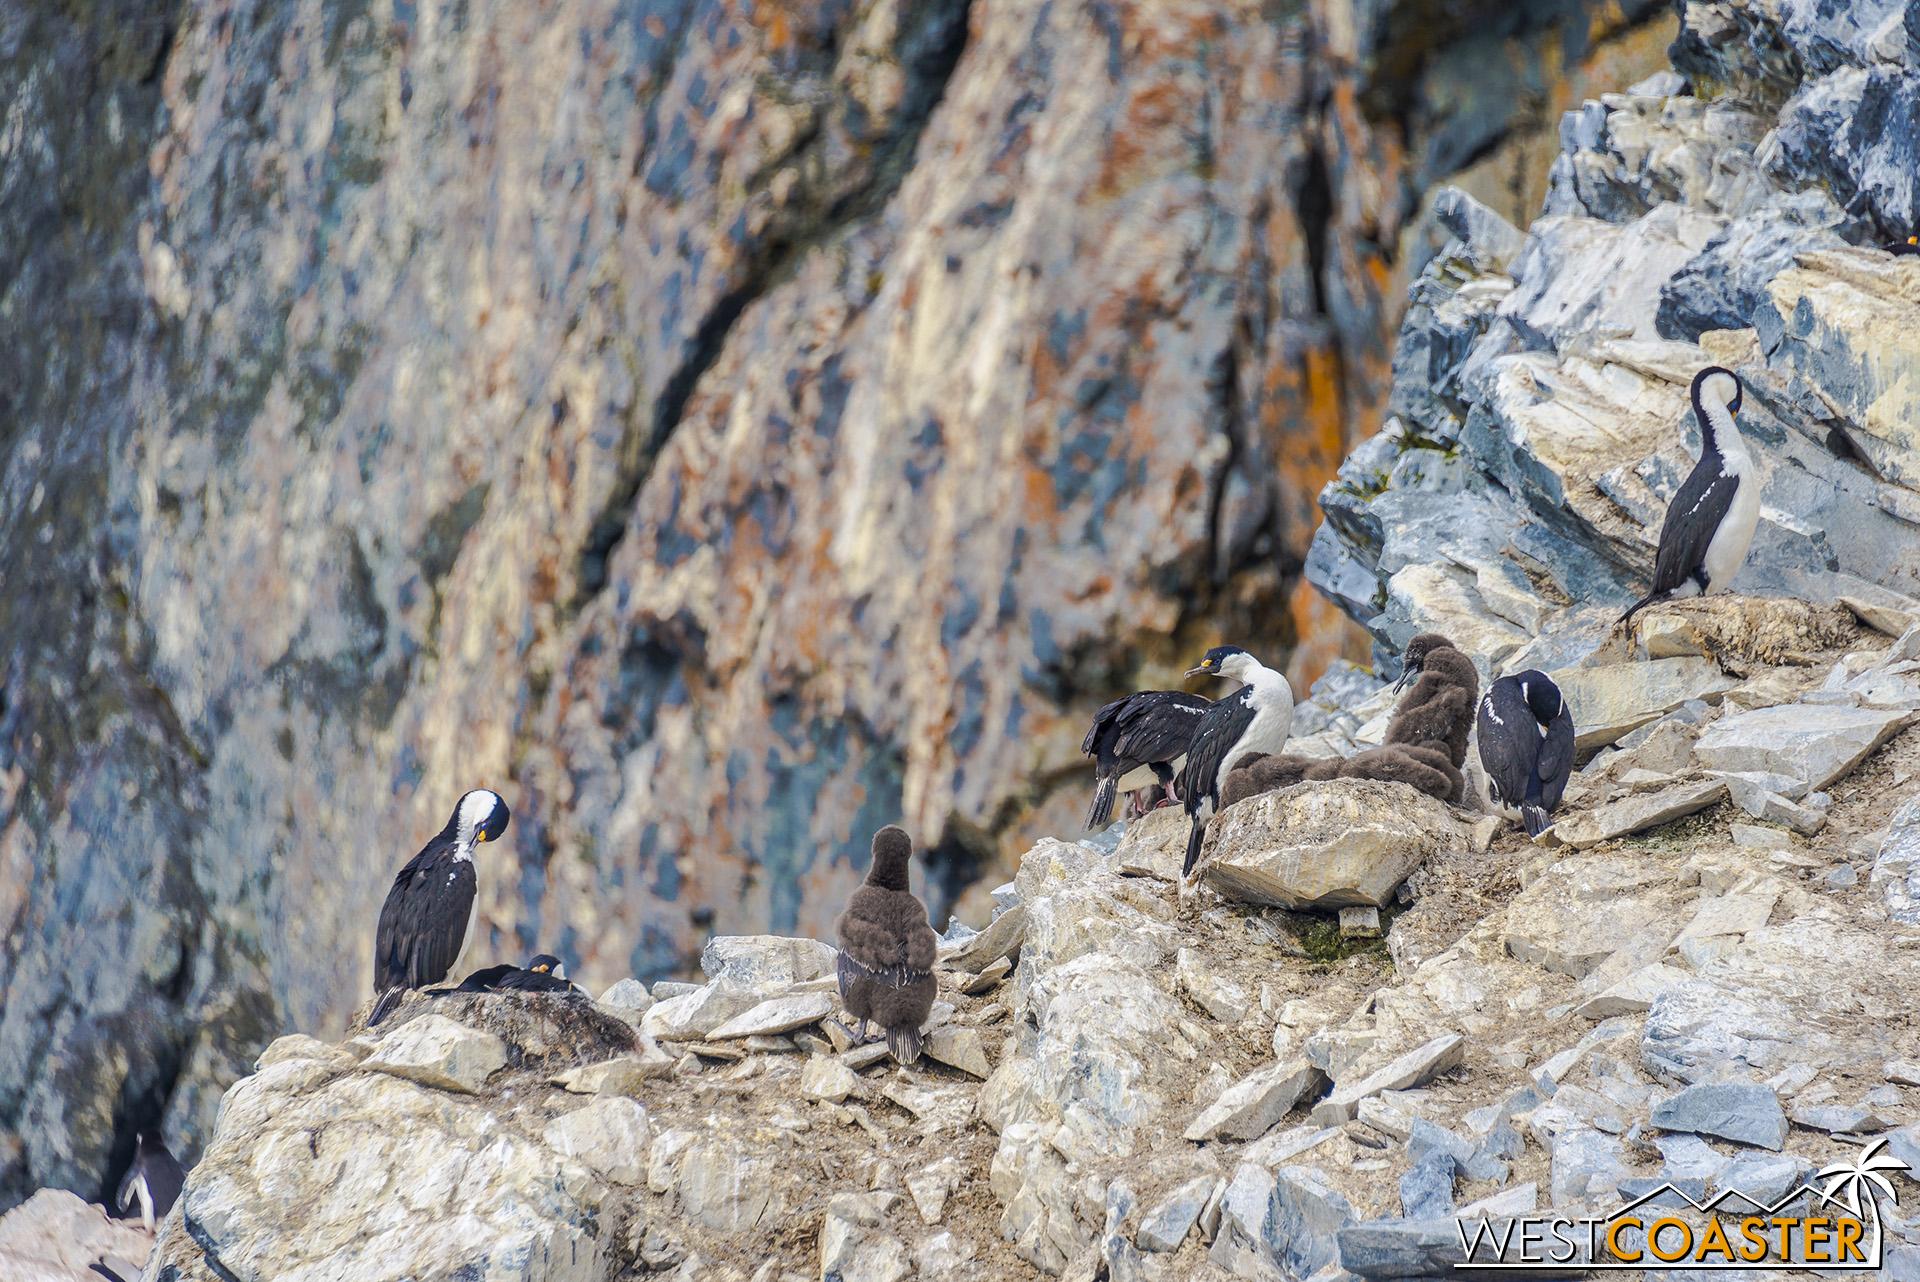 Cormorants nesting in the rocks above.